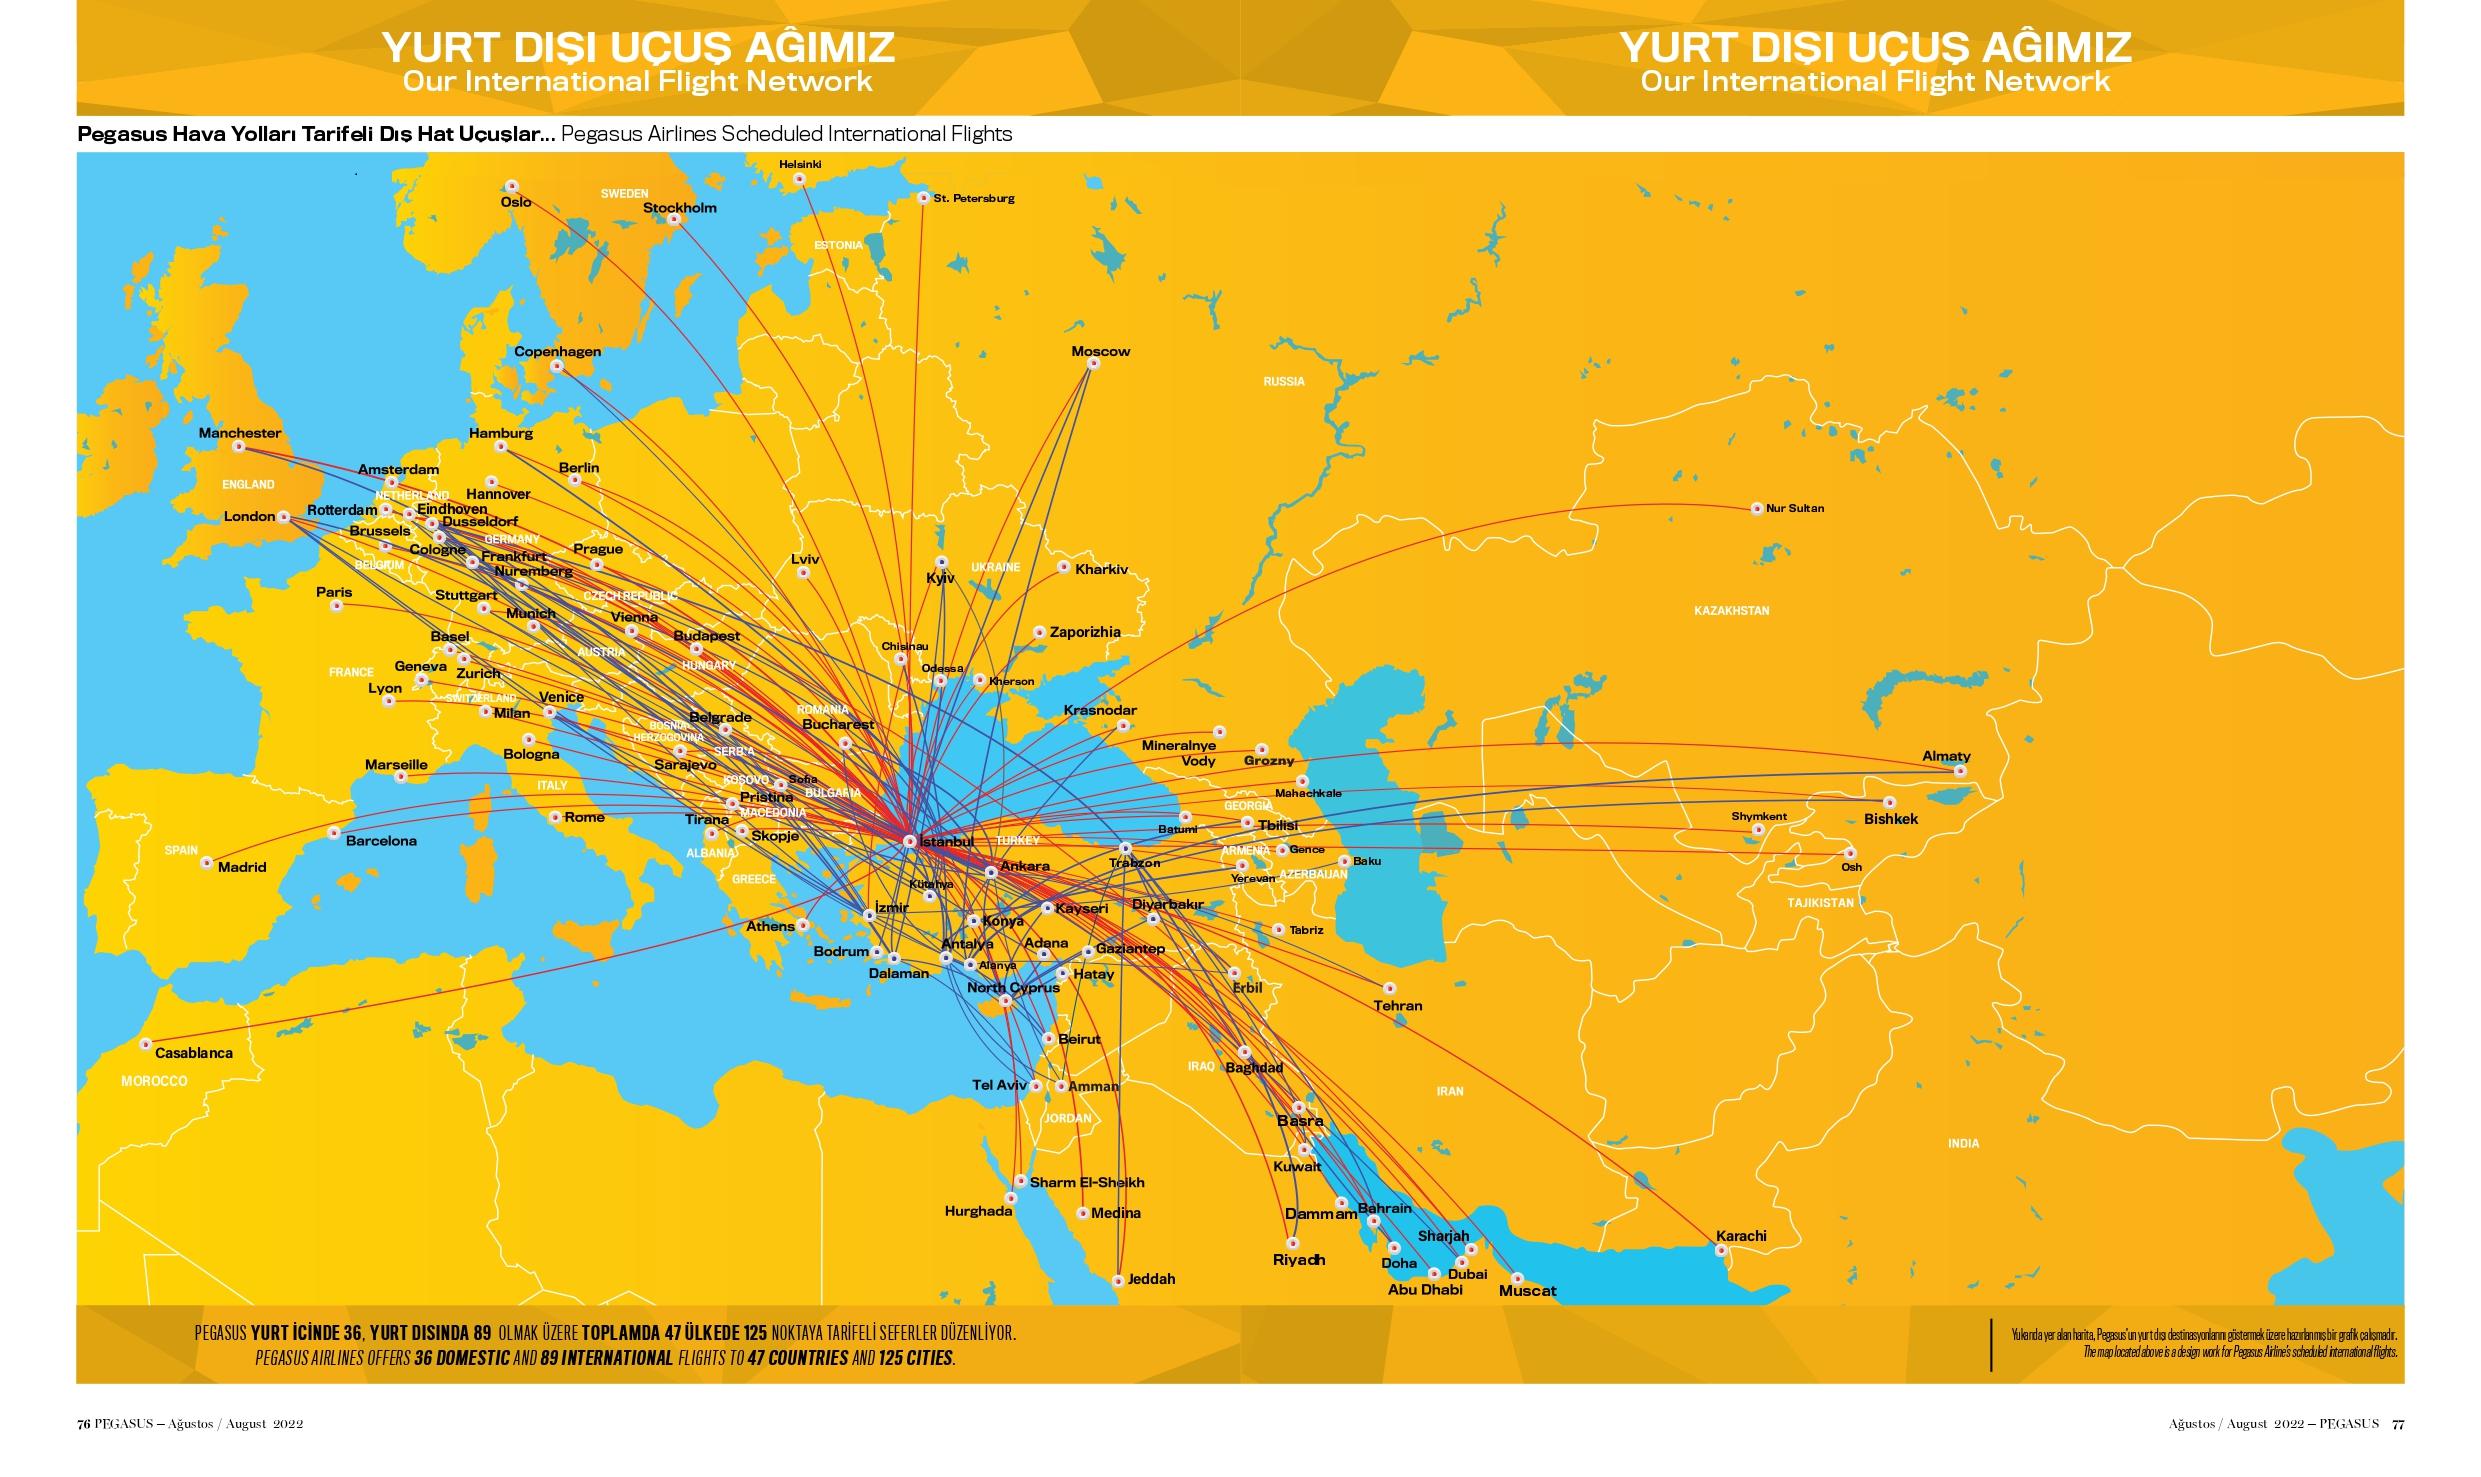 Карта полетов флай дубай стоимость домов в финляндии